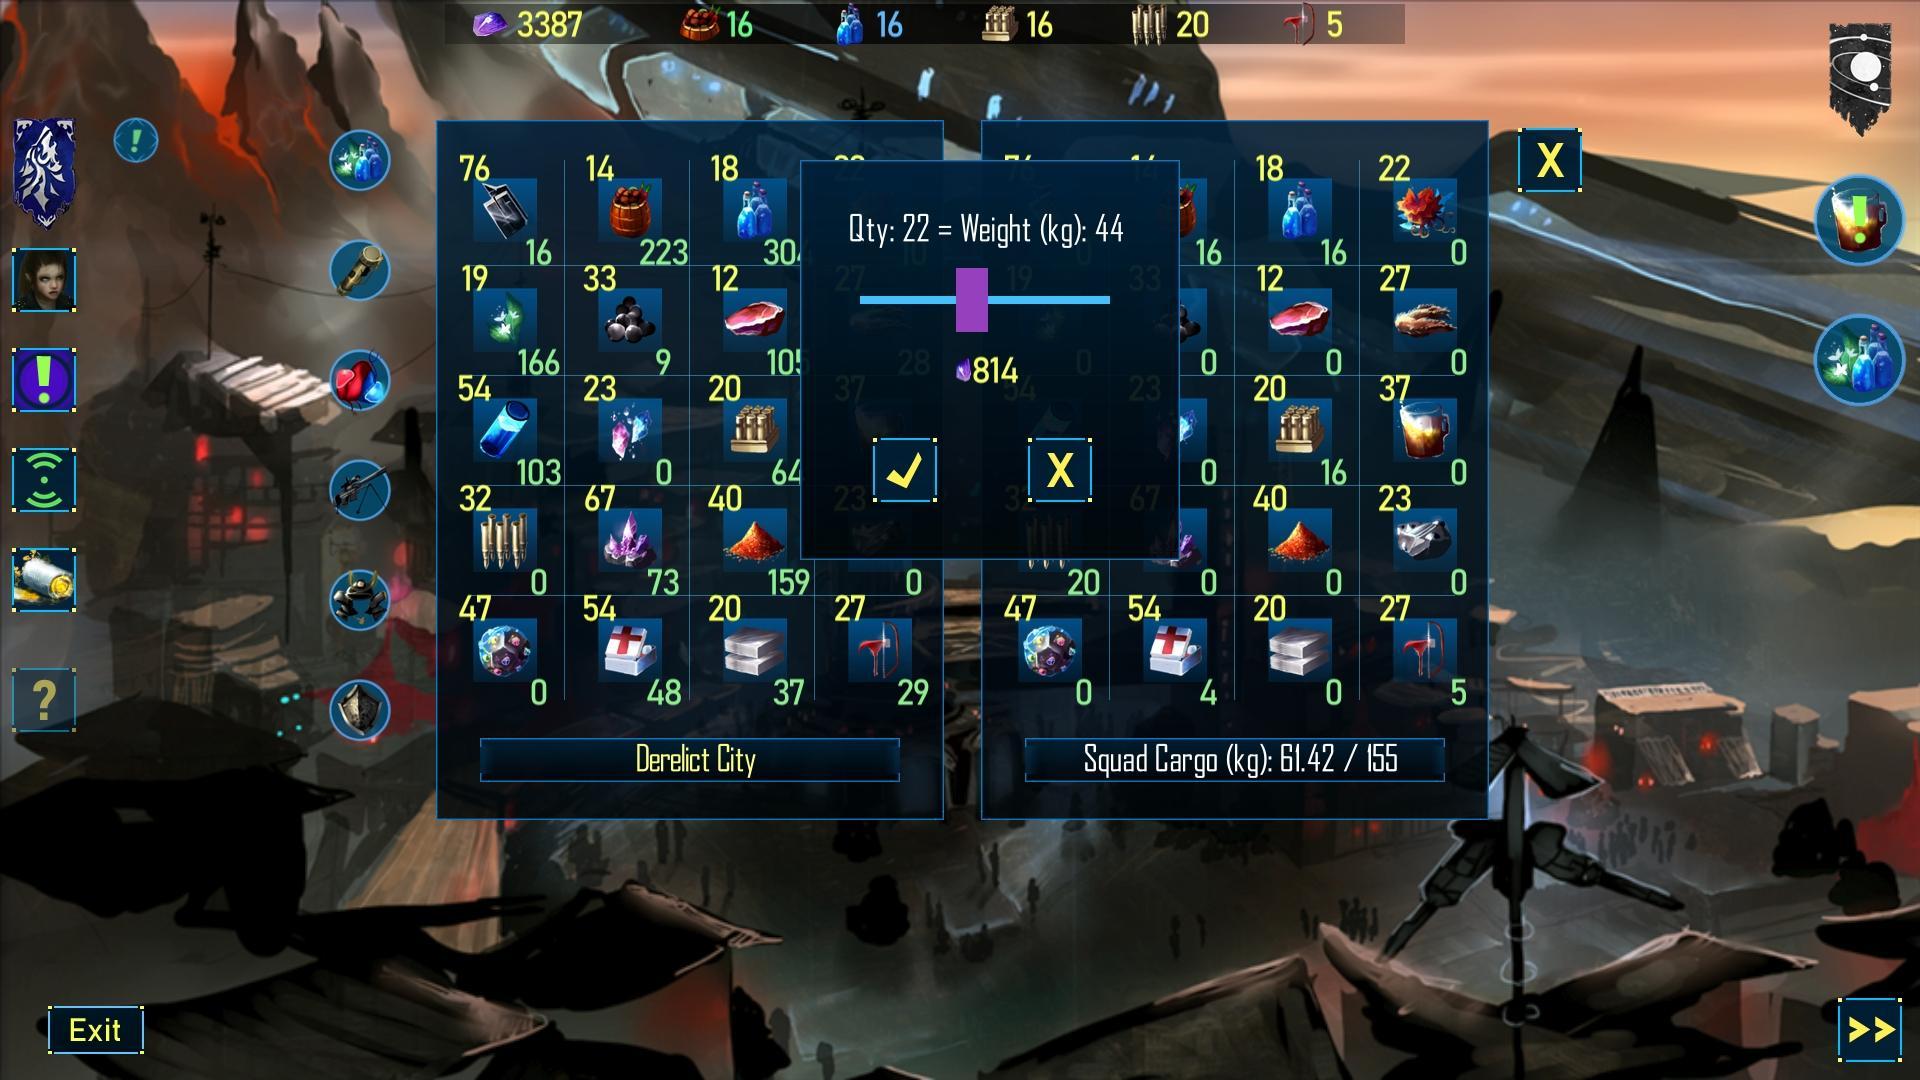 دانلود Nomads of the Fallen Star 1.04 – بازی نقش آفرینی کوچ نشینان اندروید